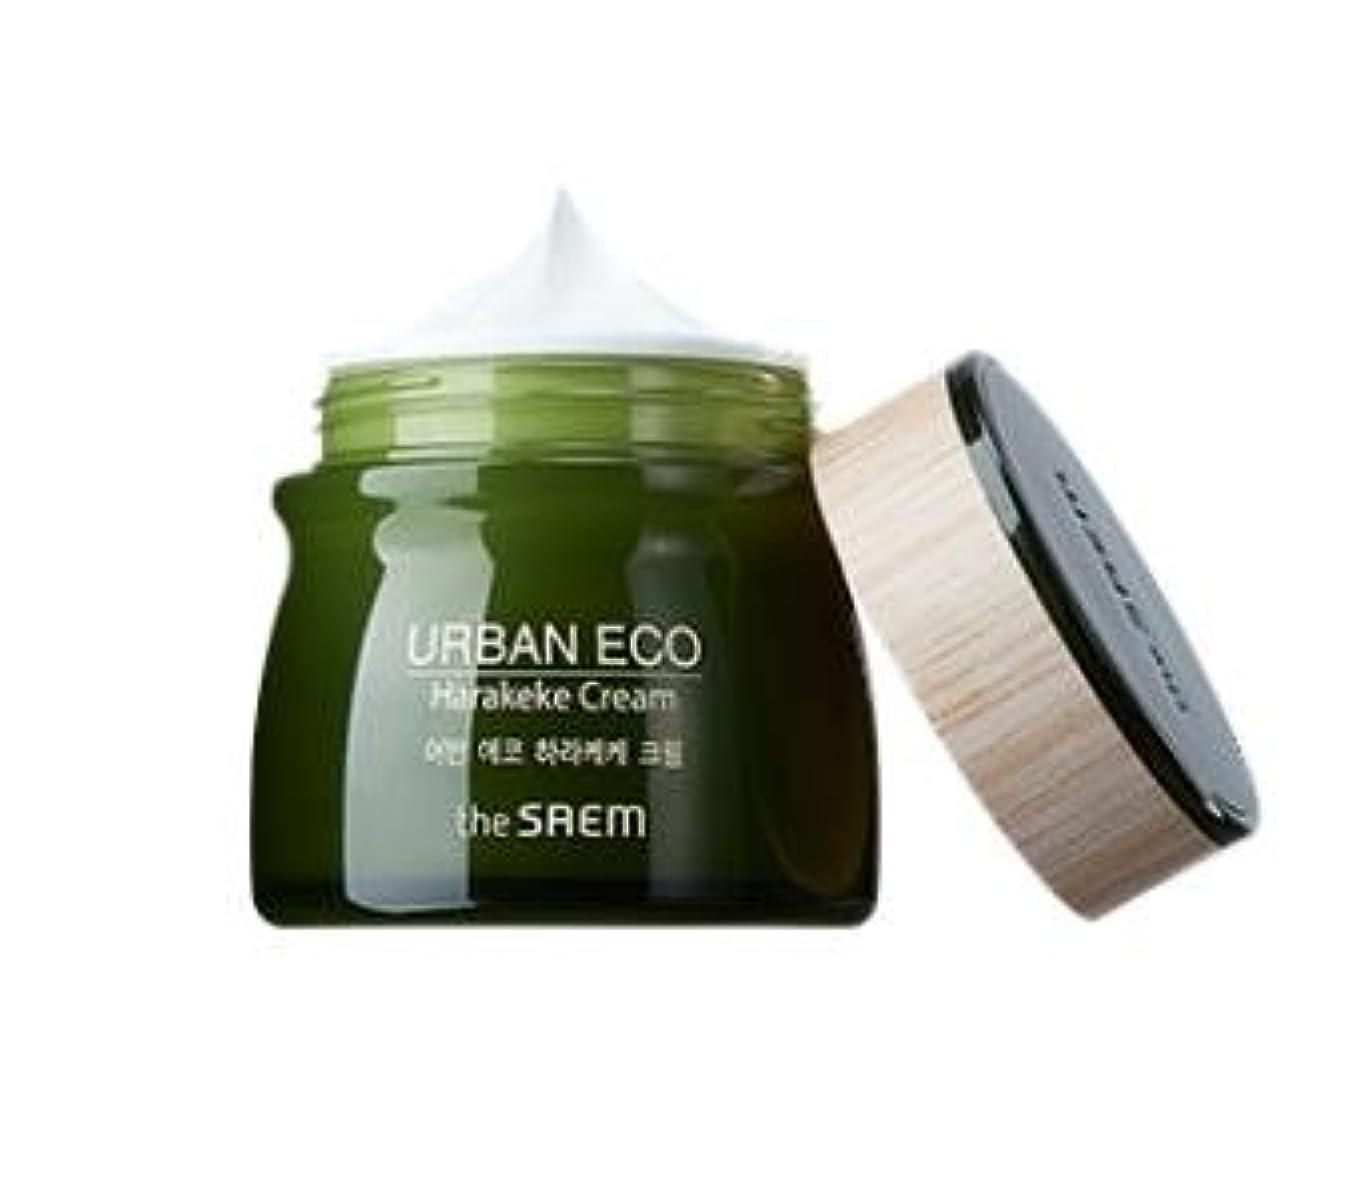 会員コードレンズ[NEW]The Saem Urban Eco Harakeke Cream ザセム アーバンエコ ハラケケクリーム [並行輸入品]